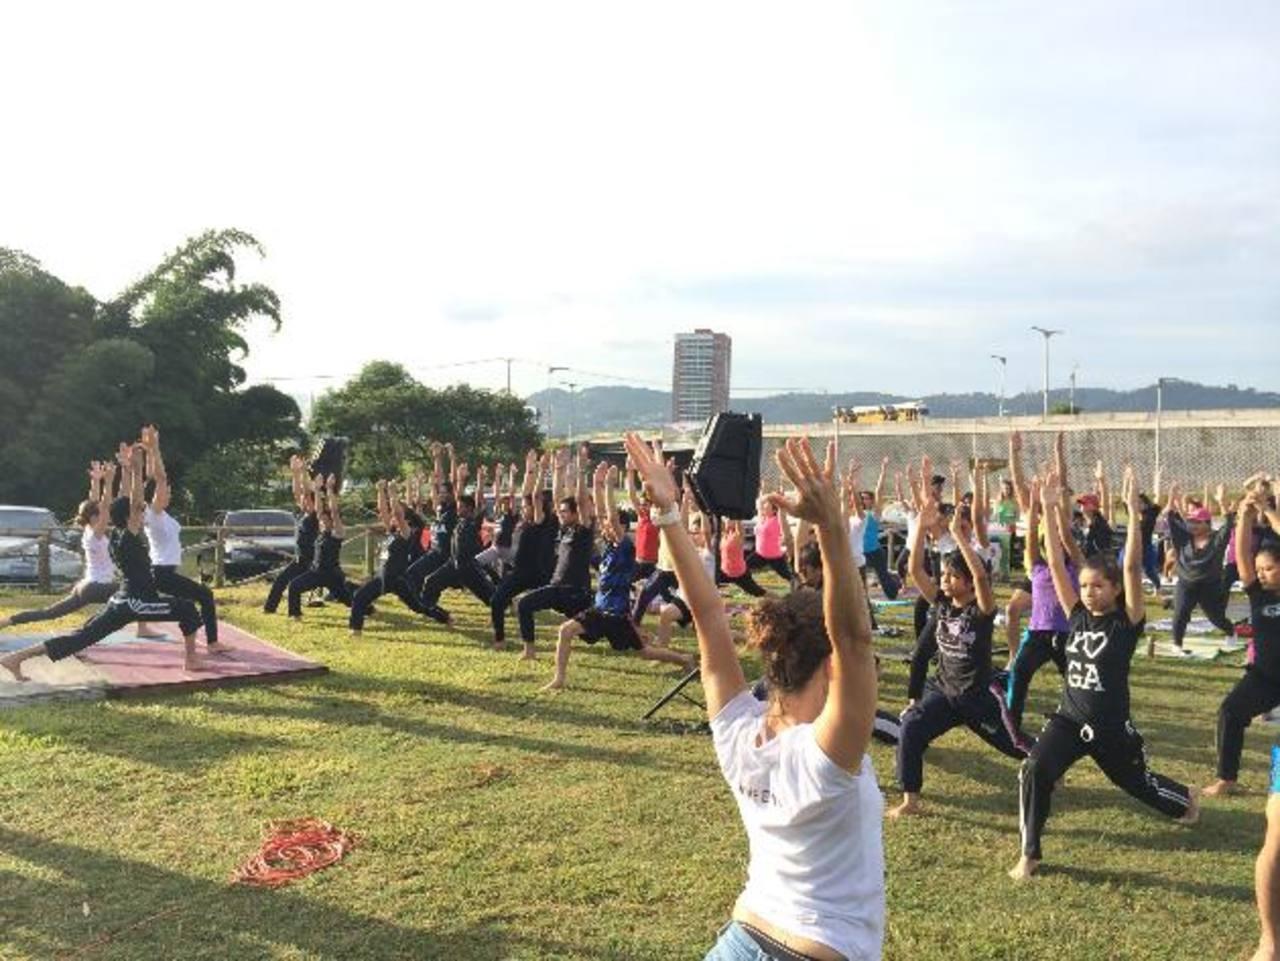 Yoga para Todos también se lleva a cabo todos los sábados a las 9:30 de la mañana, en Yogashala. Más información en sitio web: yogashala.com.sv. Fotos cortesía Yogashala